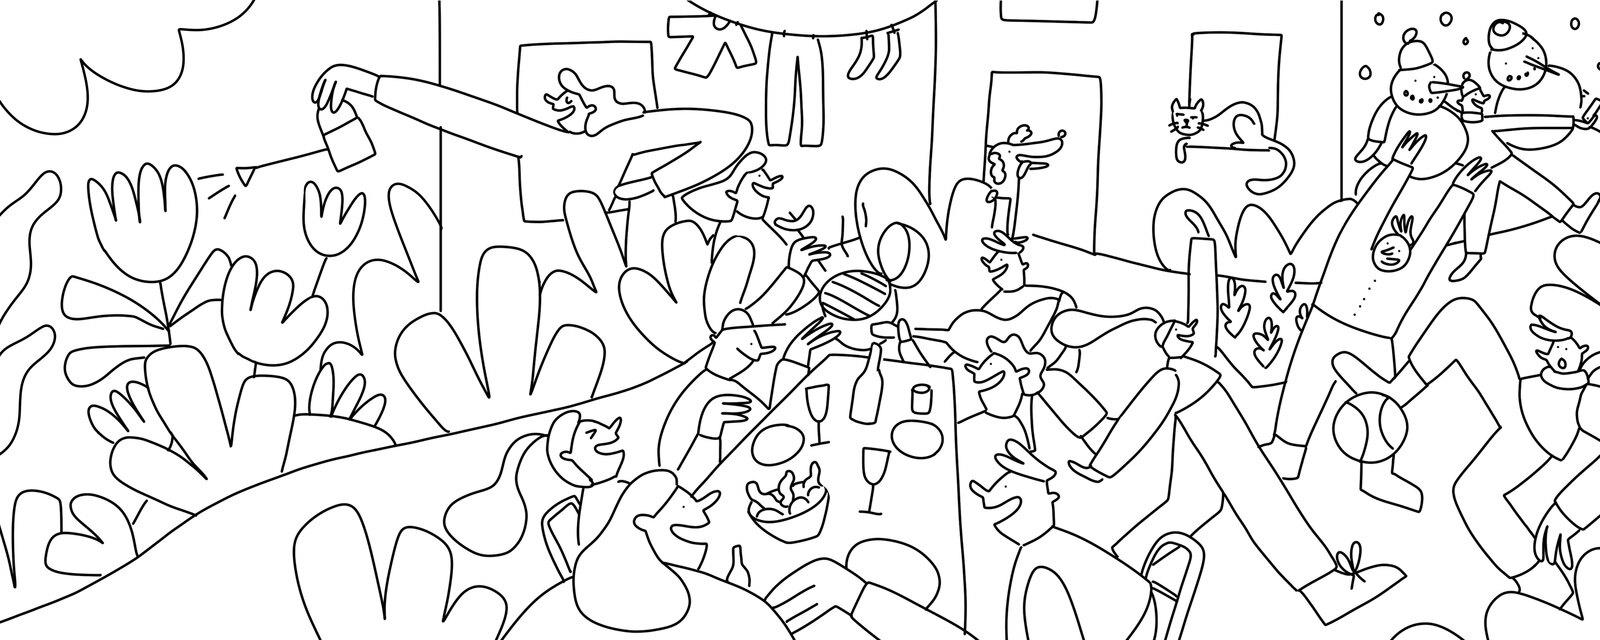 Du Coloriage Artistiquement Stimulant Pour S Occuper Pendant La Quarantaine Actualite En Arts Visuels Voir Ca